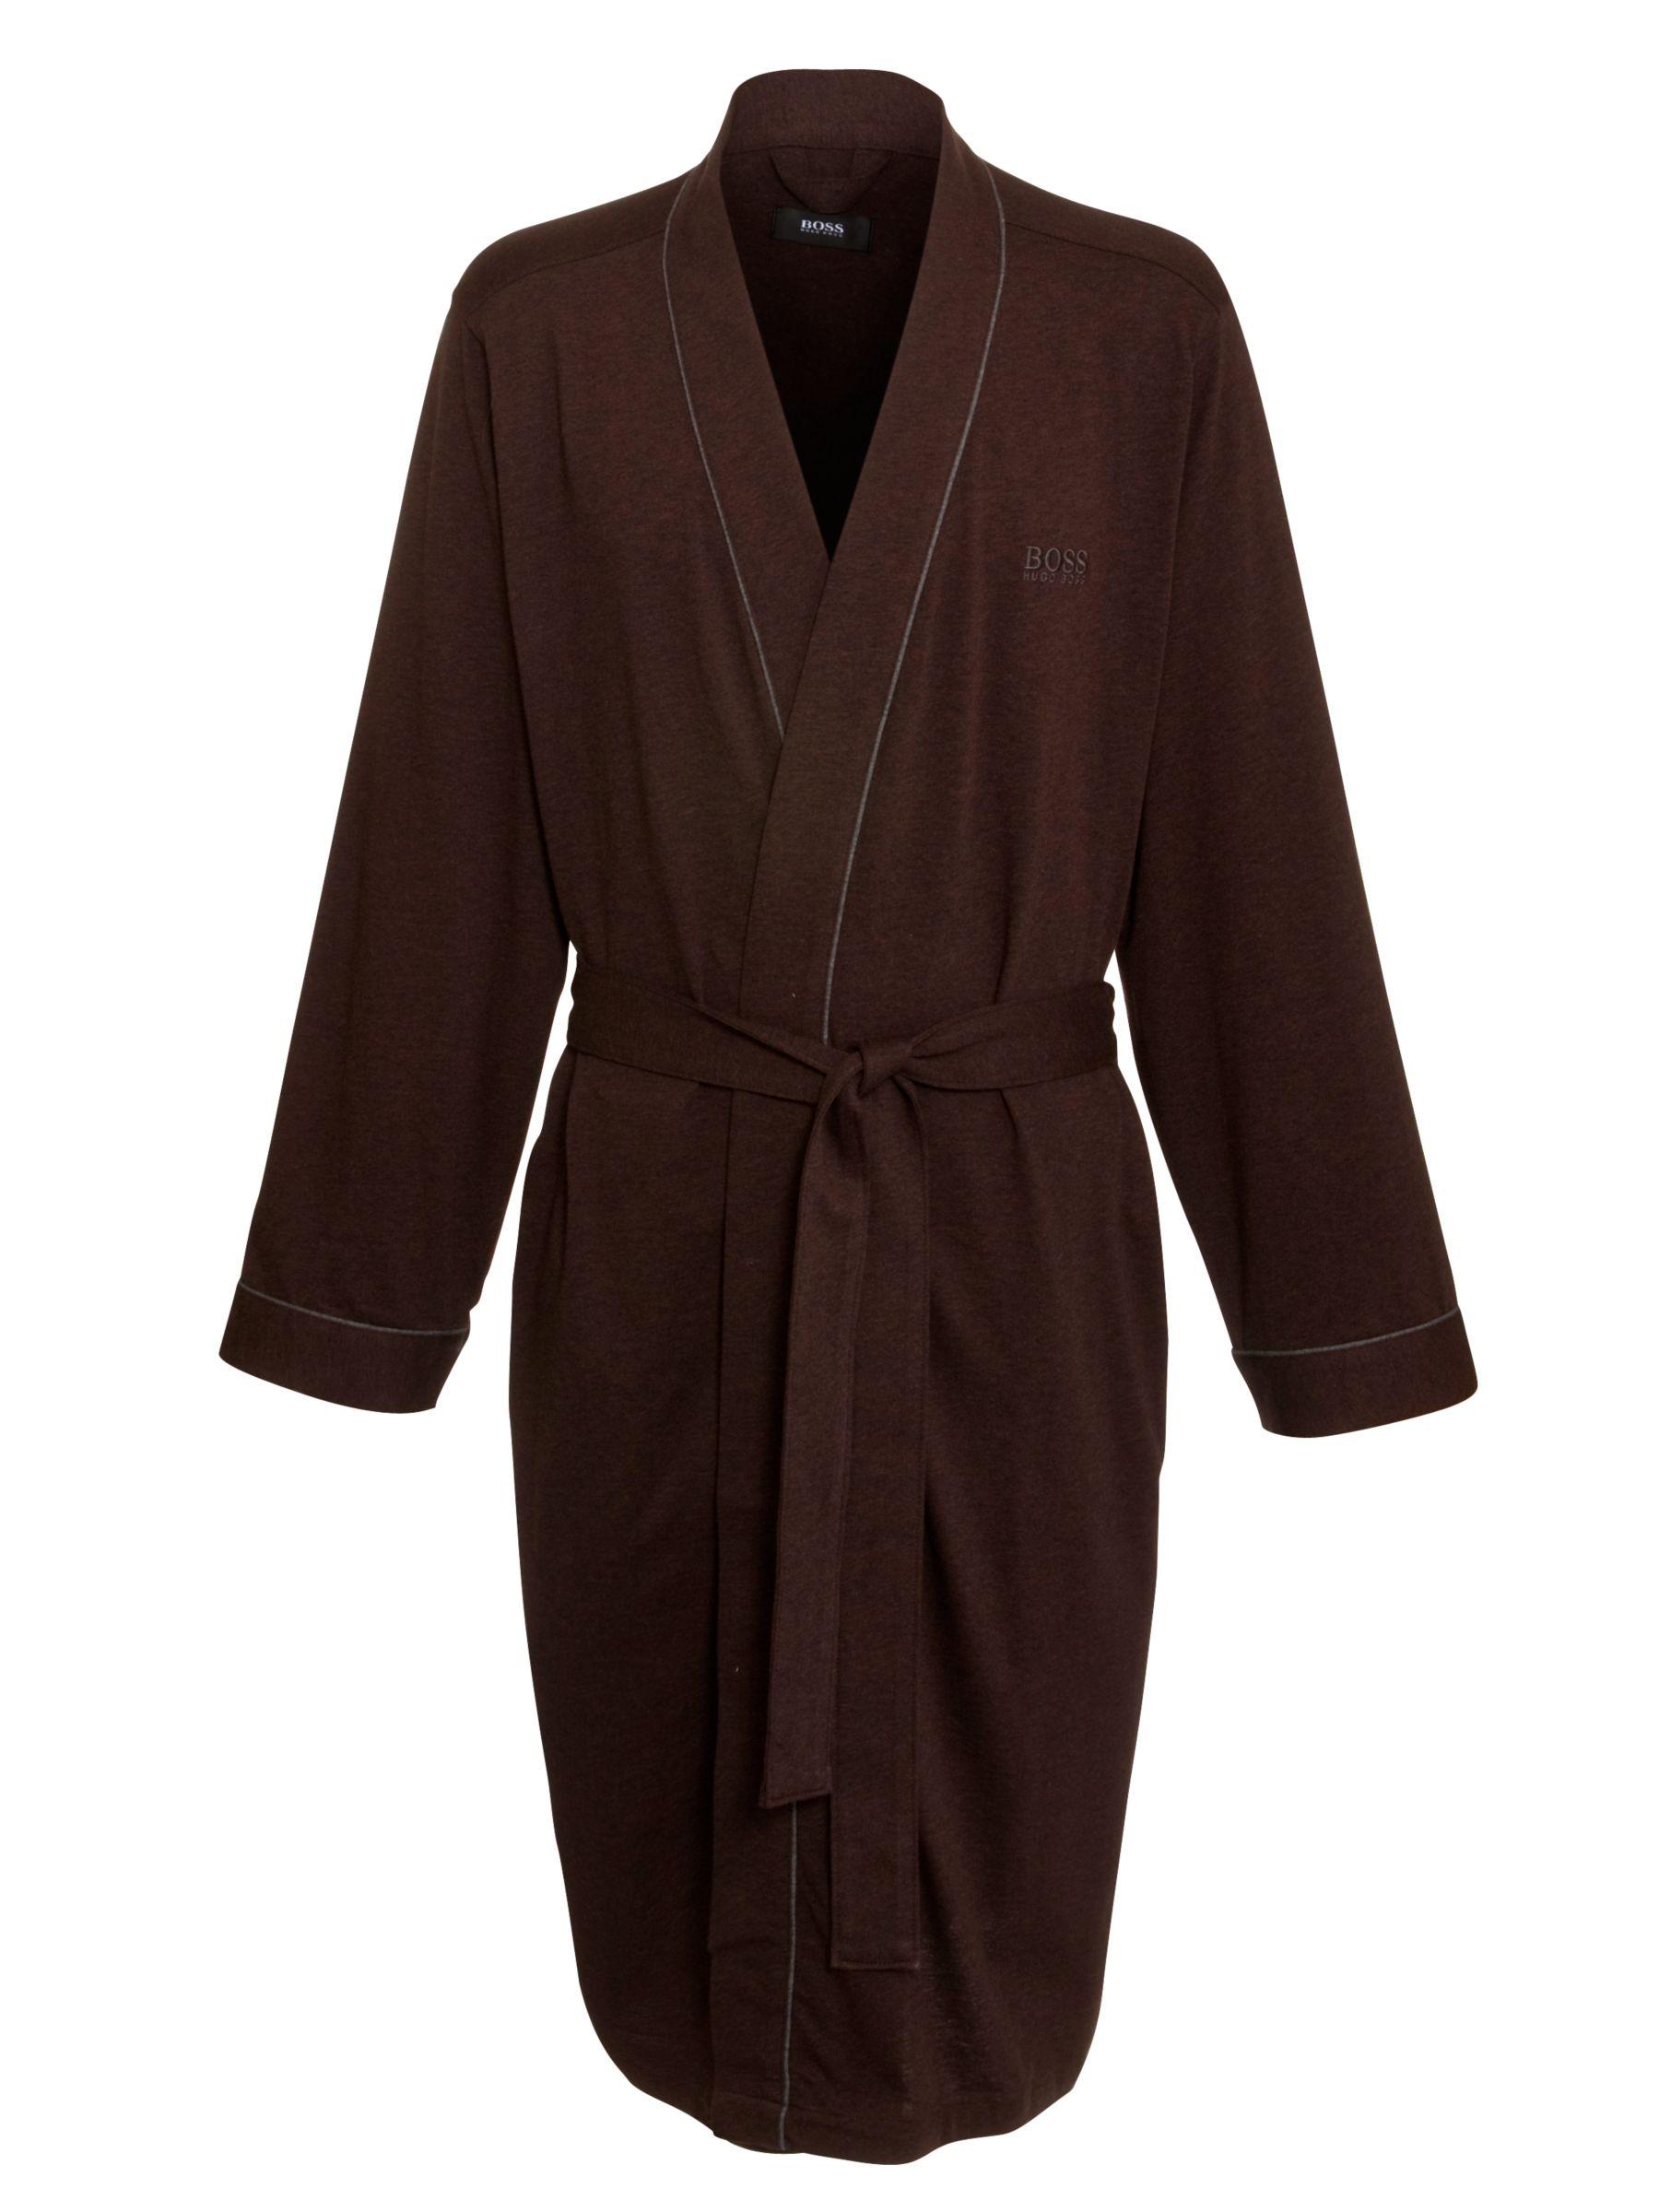 Hugo Boss Kimono Robe, Brown